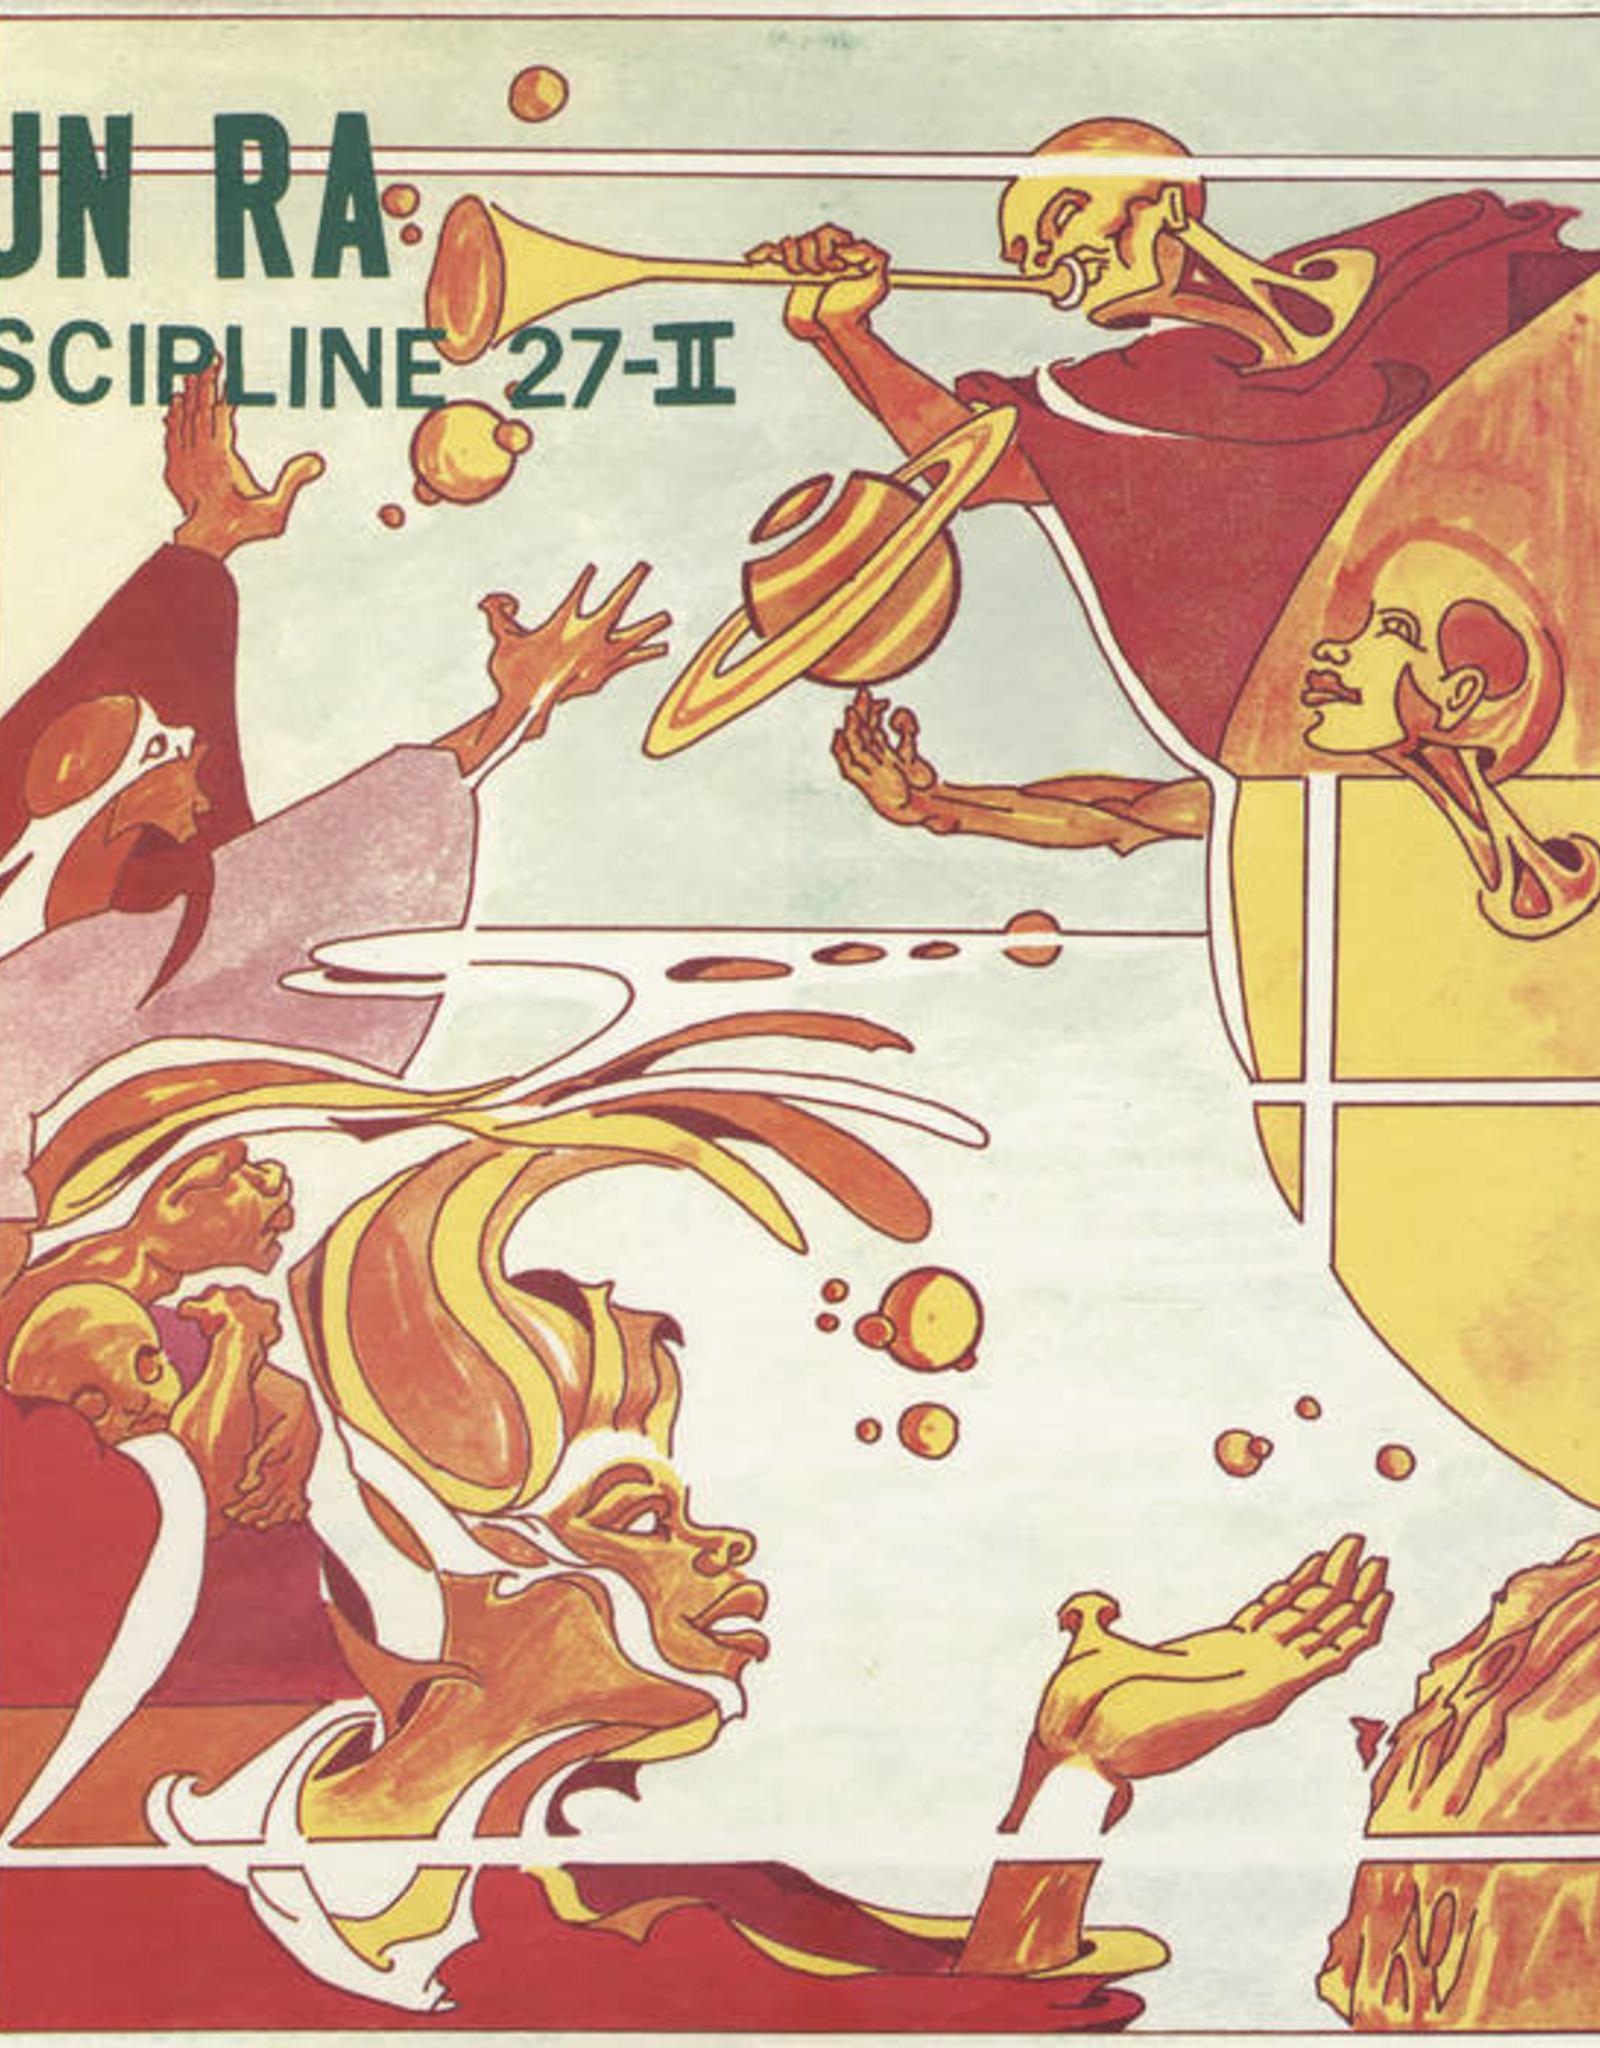 Sun Ra - Discipline 27-11